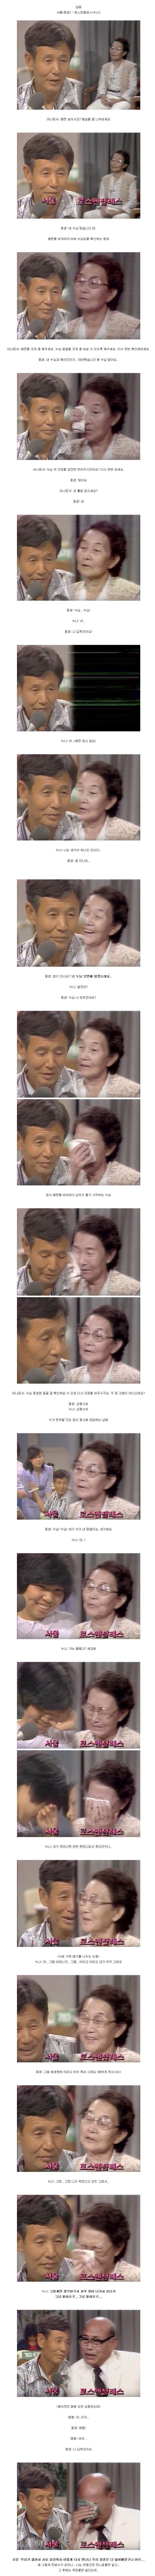 pic_004.jpg 유네스코 세계 기록 유산으로 지정된 한국 생방송.JPG